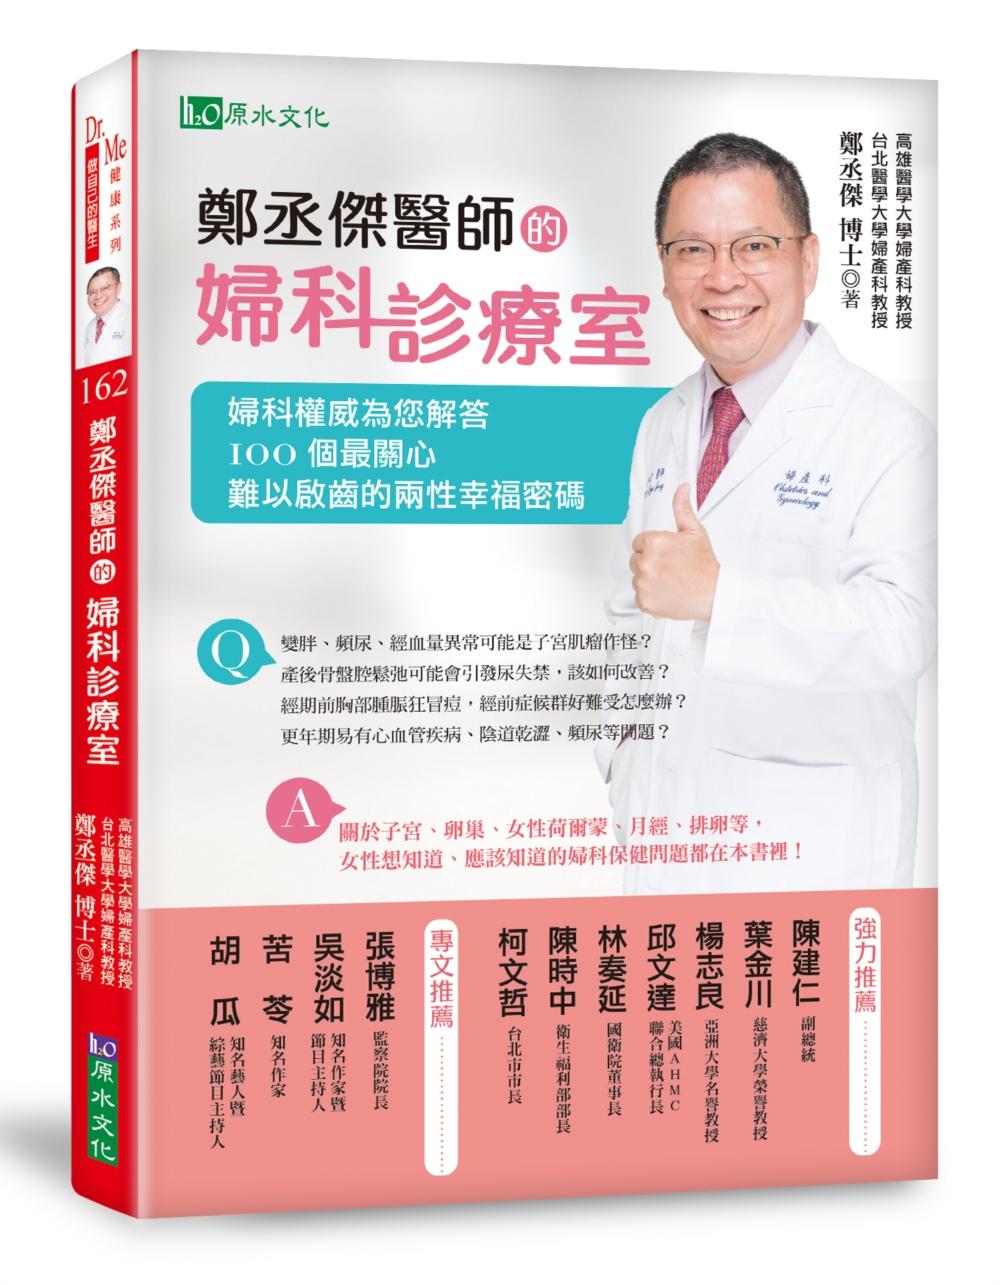 鄭丞傑醫師的婦科診療室:婦科權...